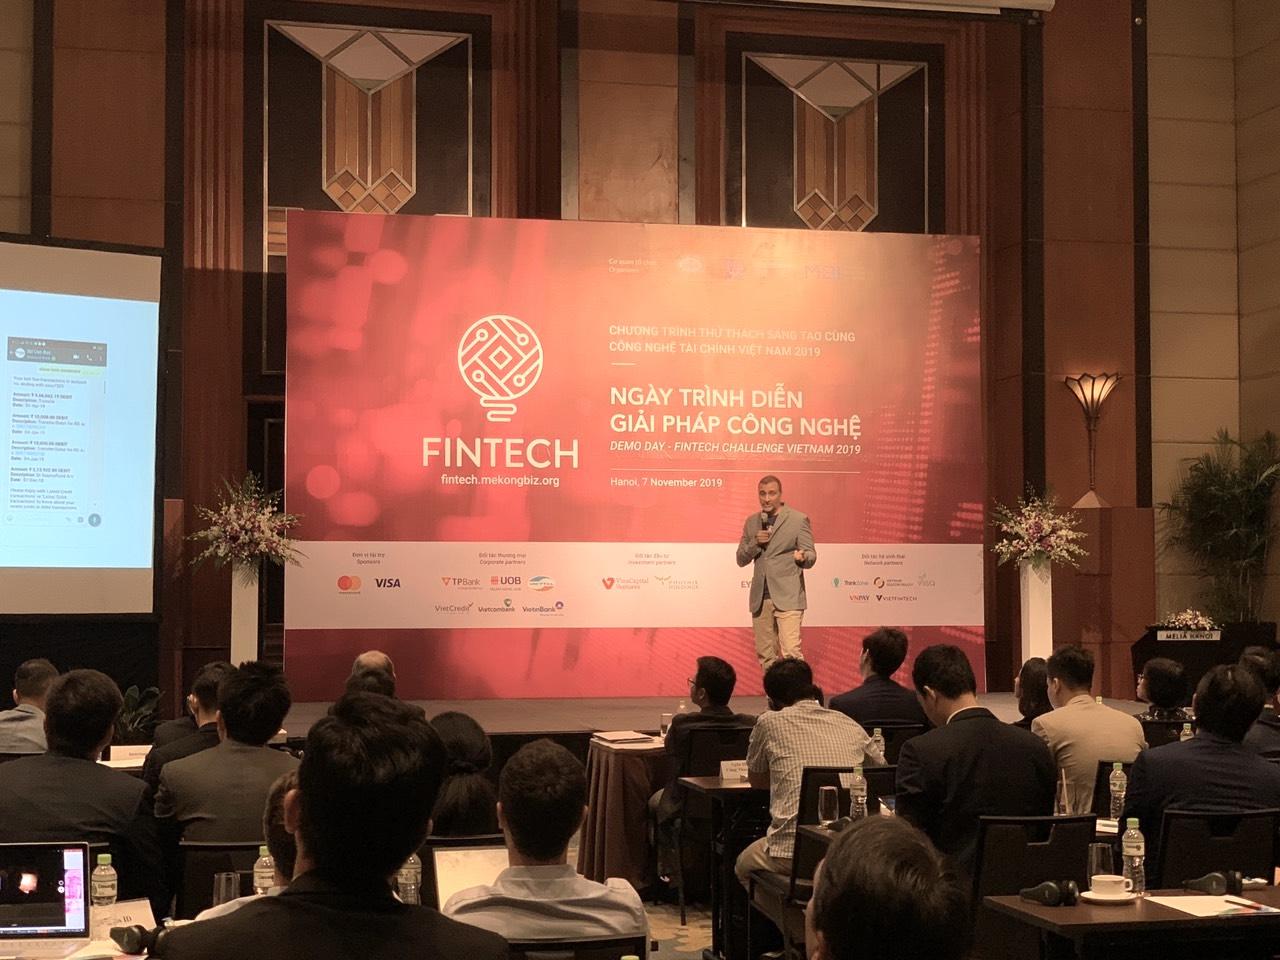 Trình diễn giải pháp công nghệ tài chính ngân hàng 2019